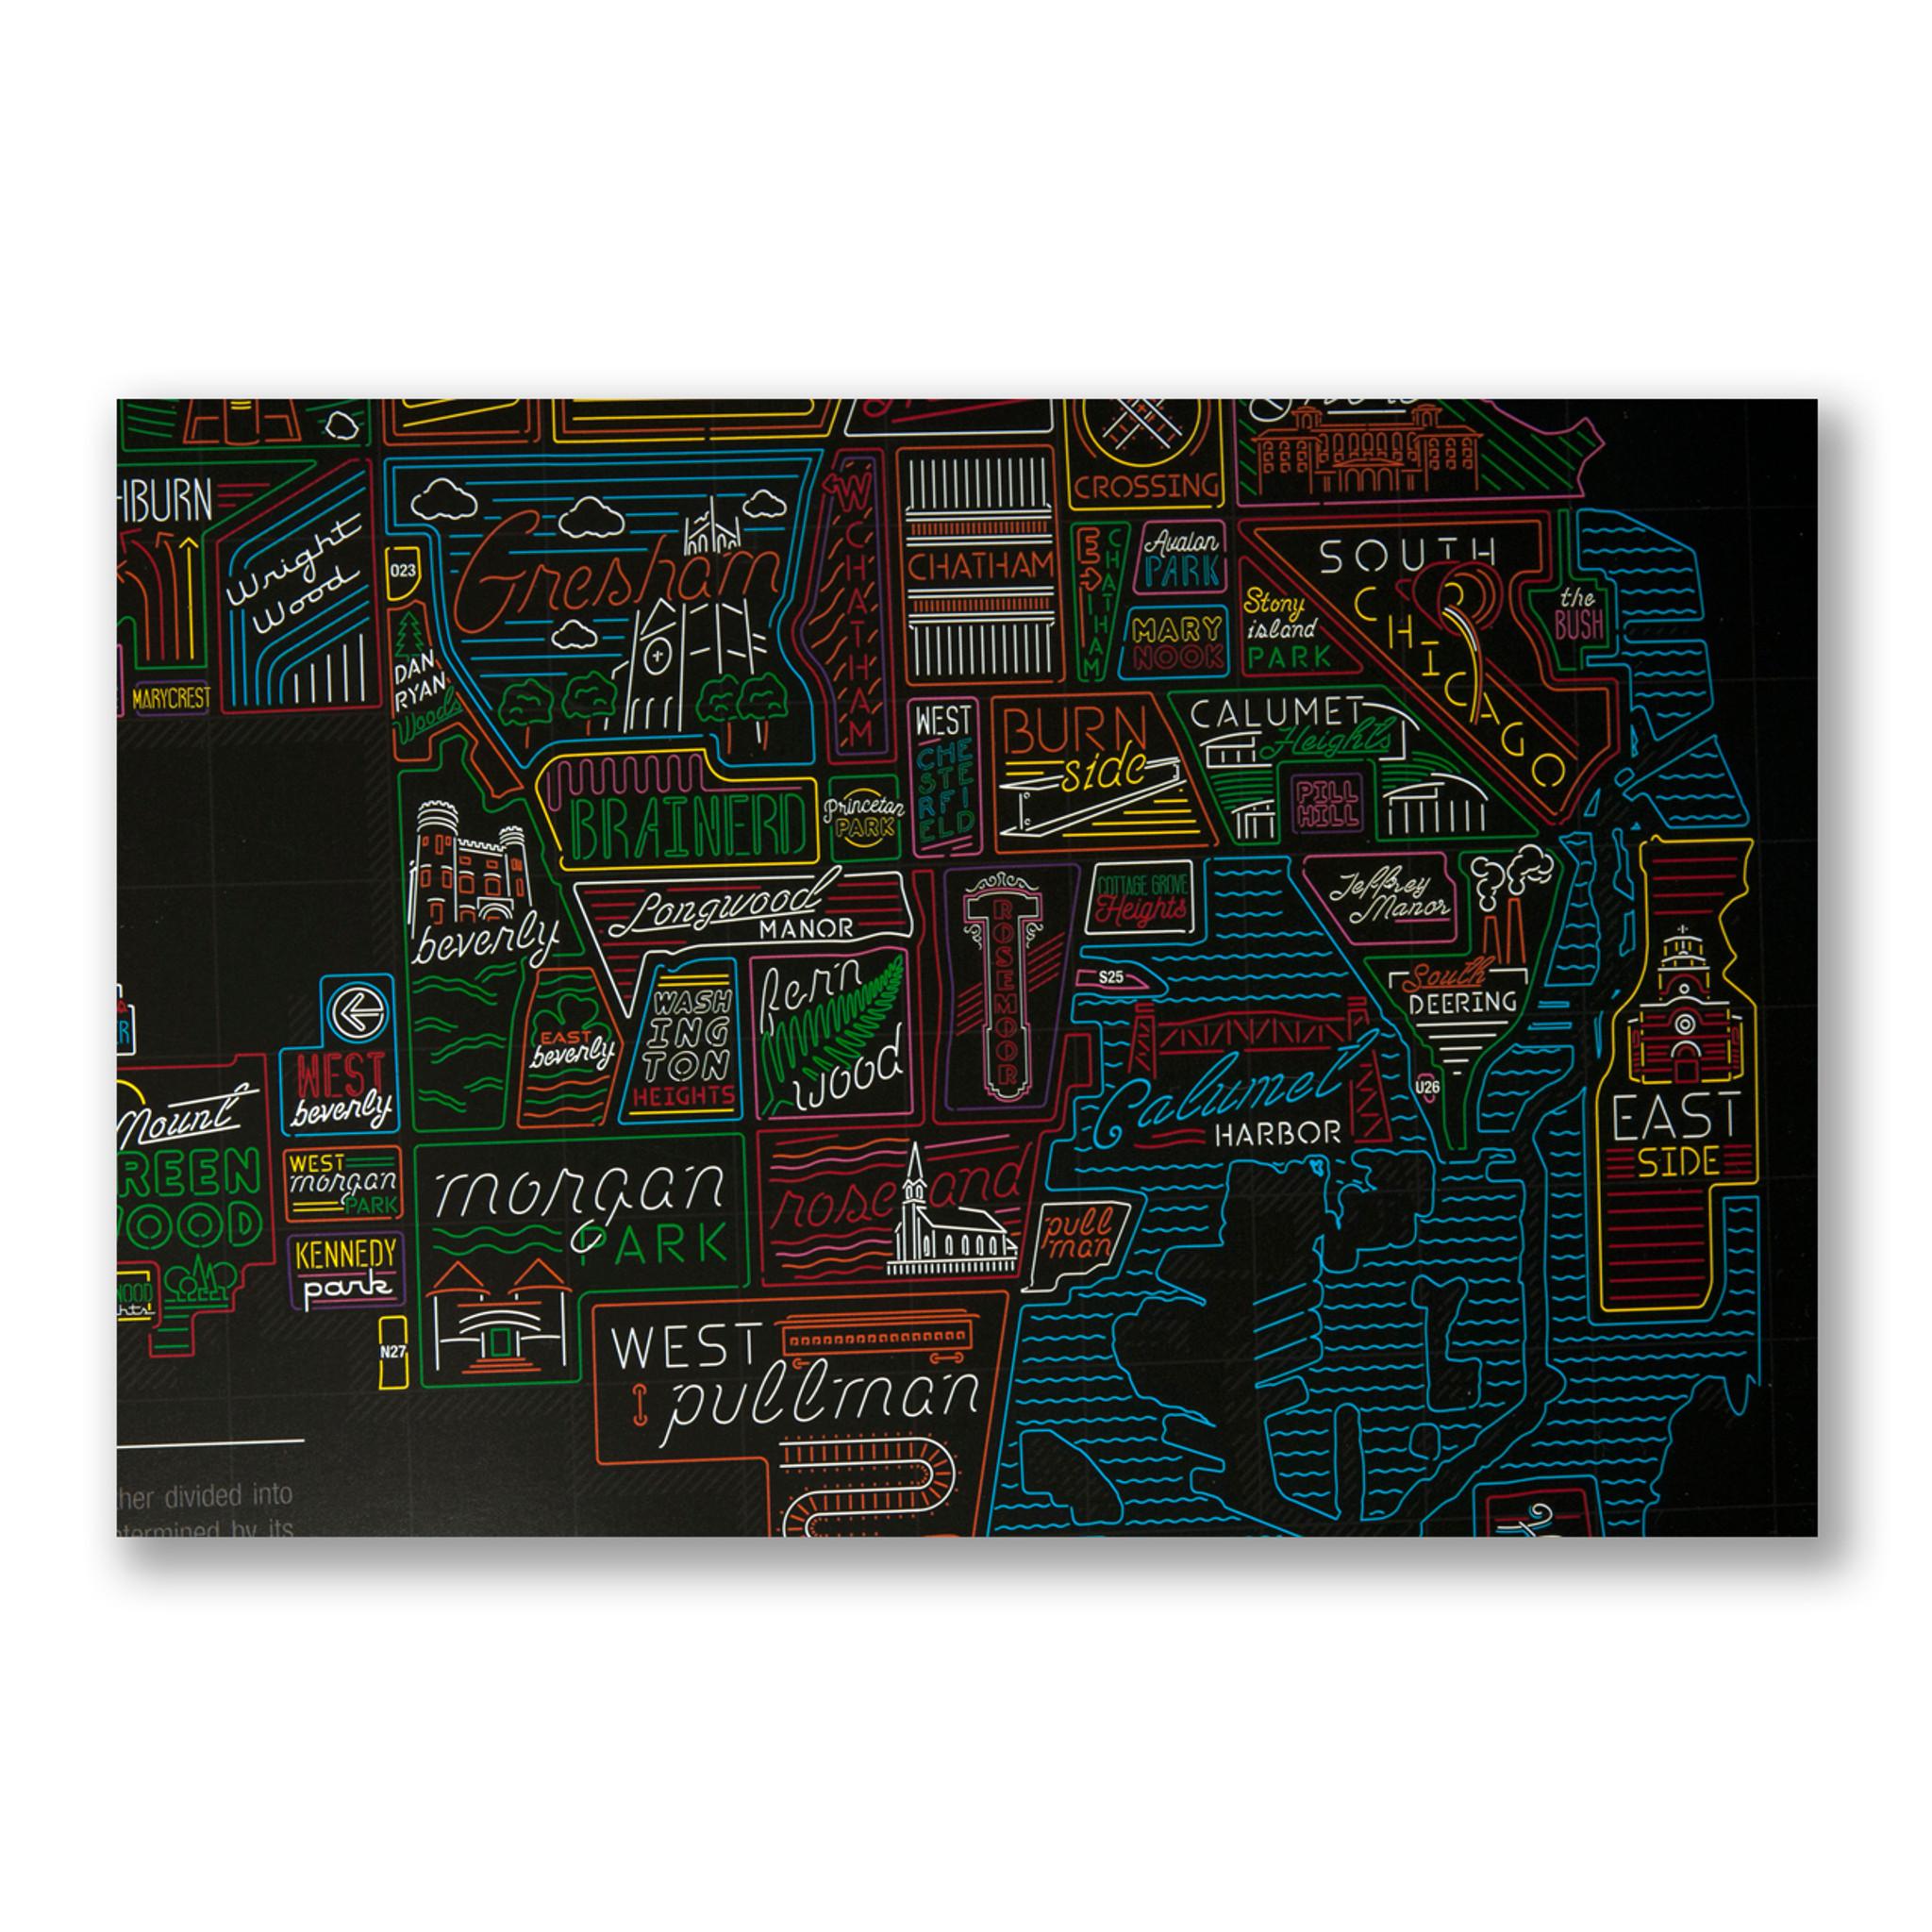 Neon Neighborhood Map of Chicago on